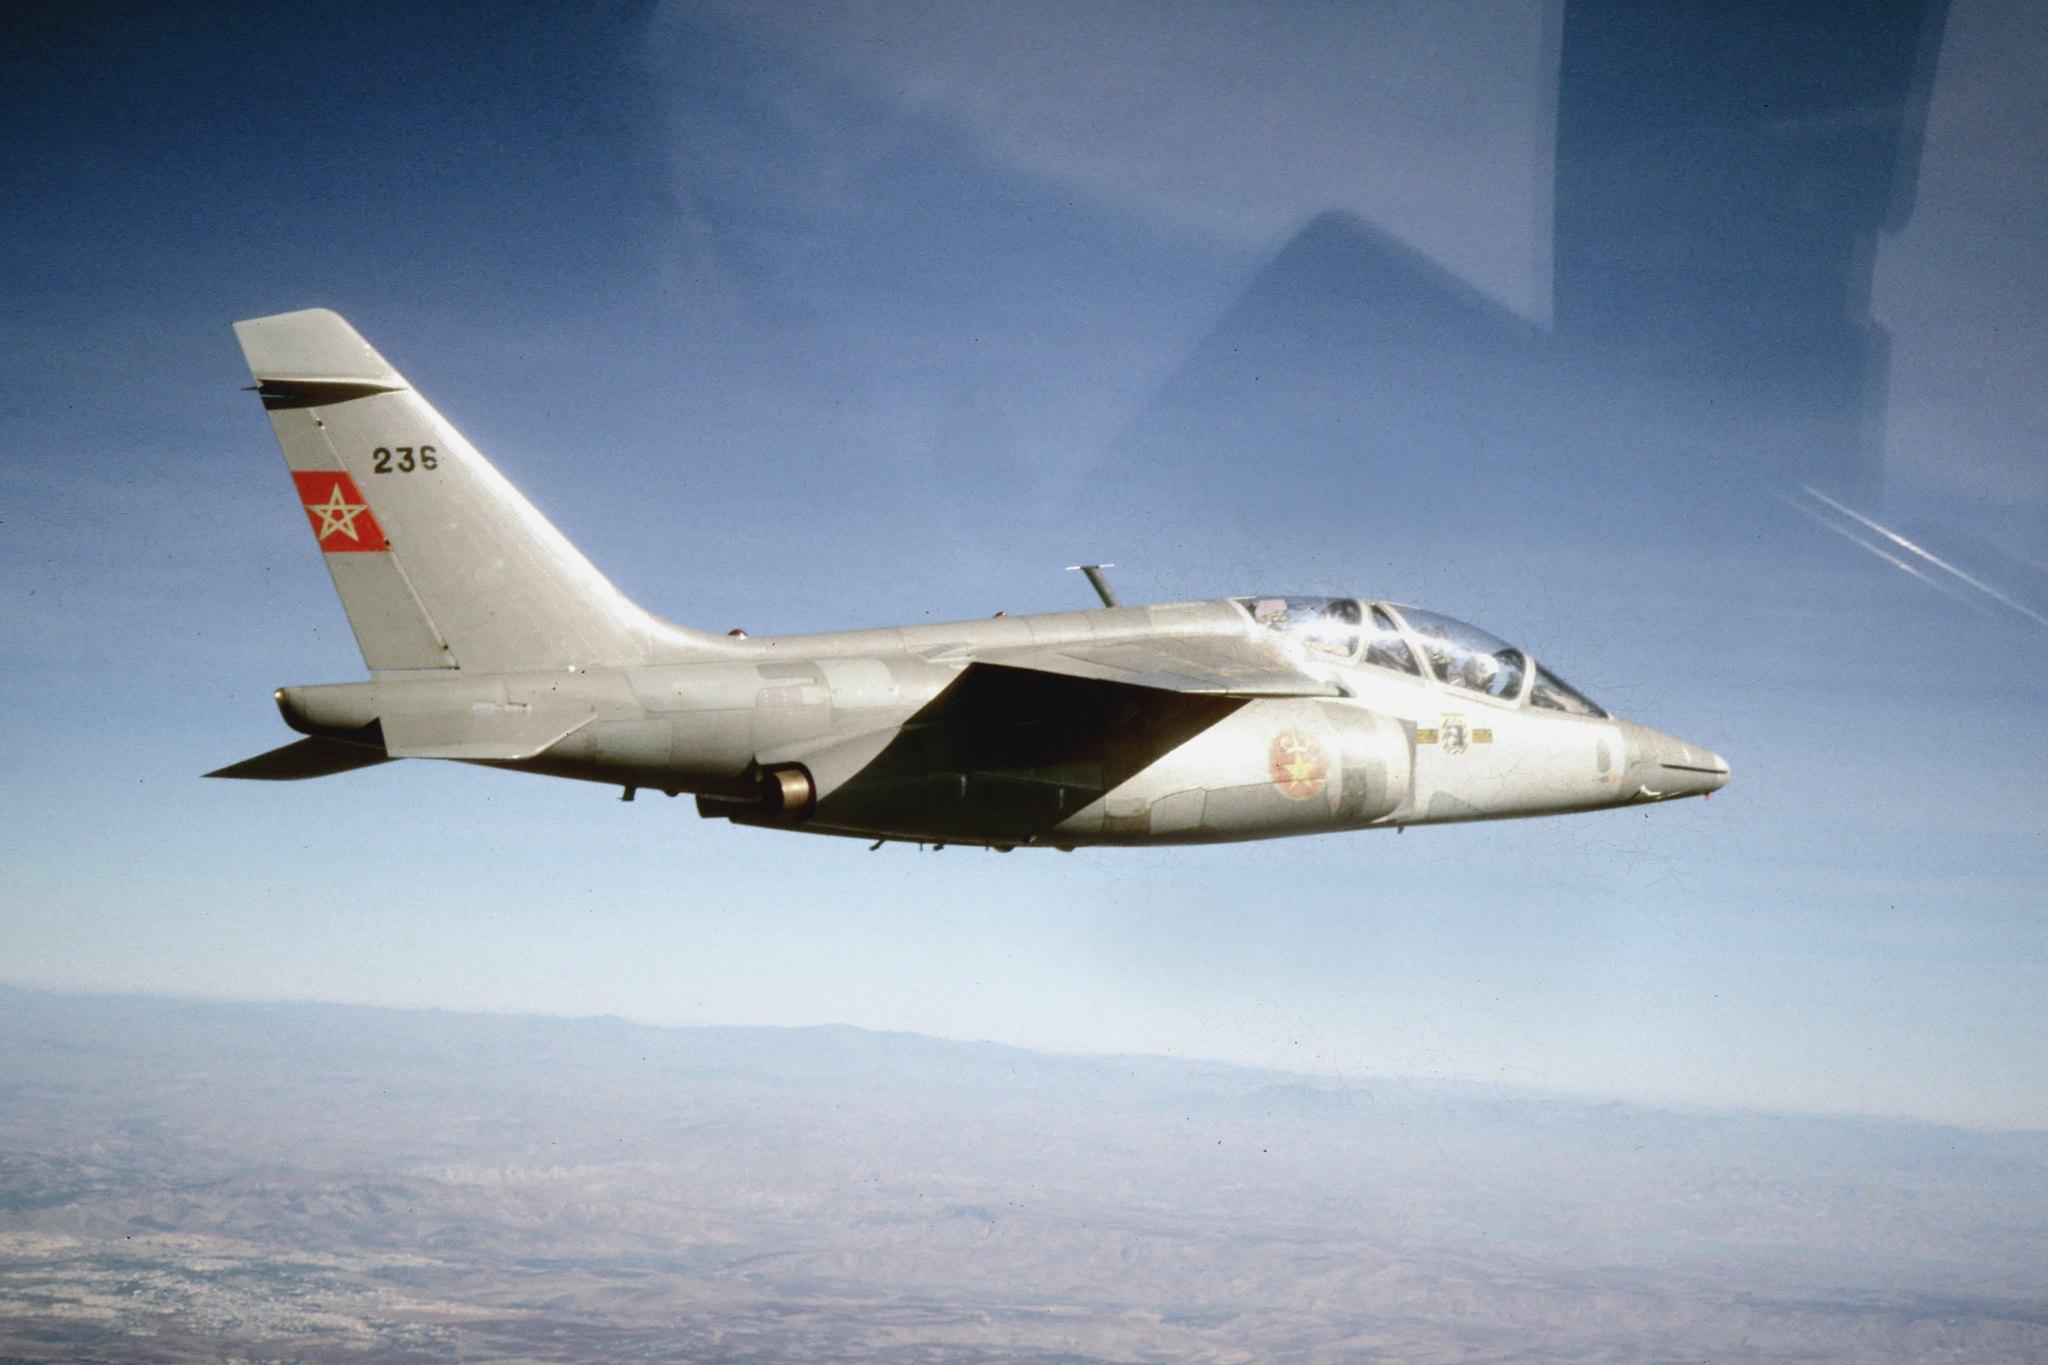 FRA: Photos avions d'entrainement et anti insurrection - Page 9 49461541692_464799048d_k